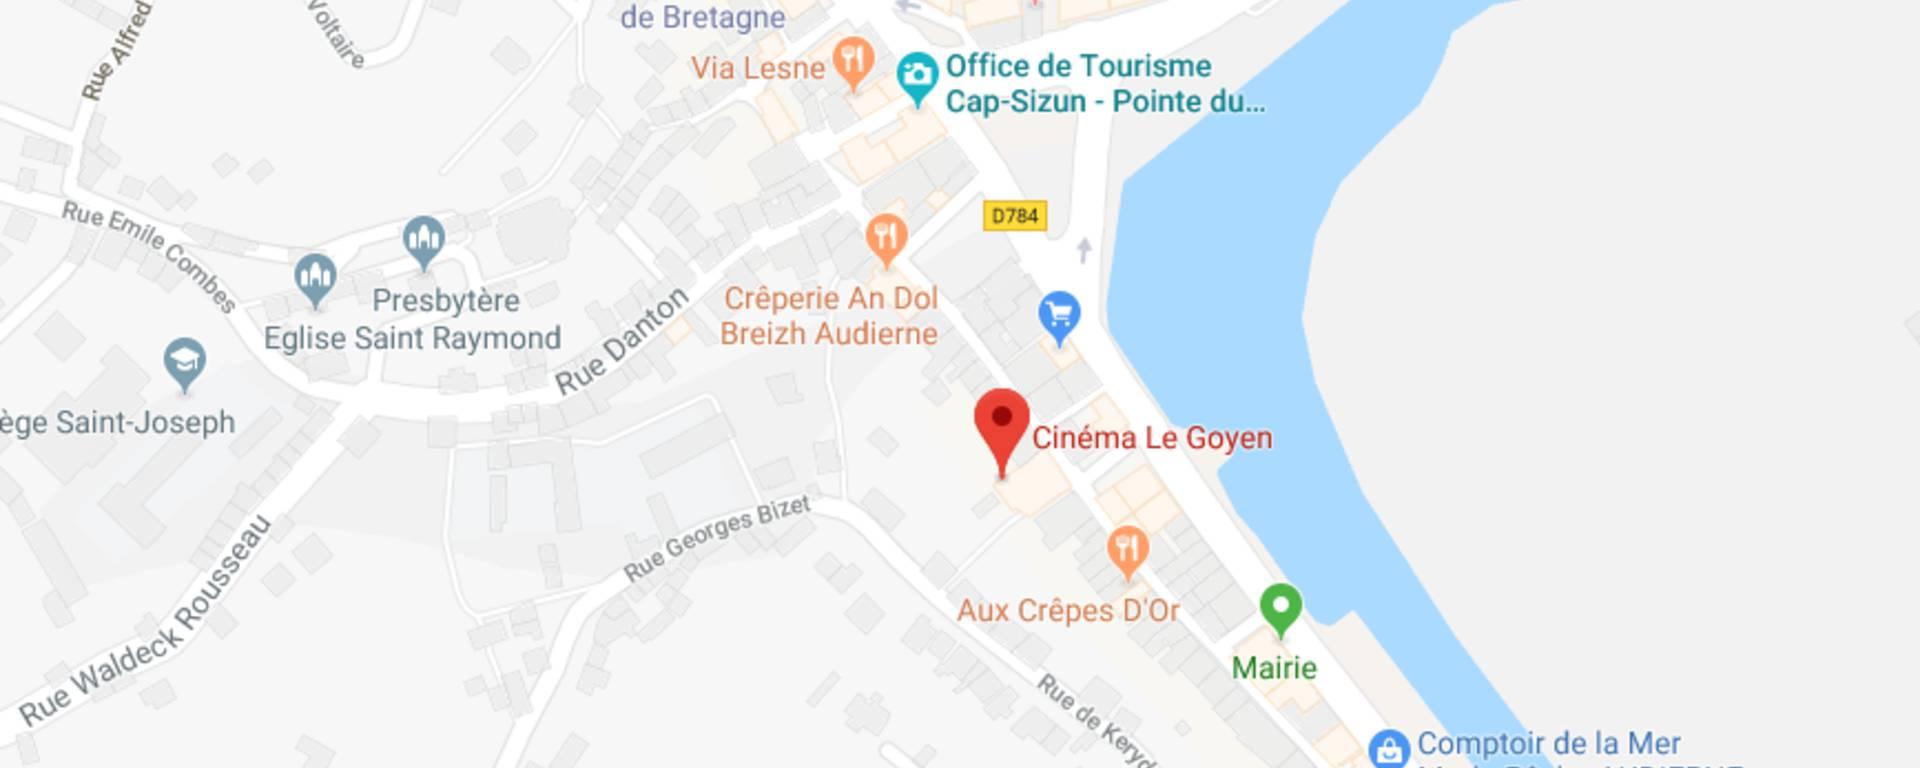 Carte © Office de tourisme Cap-Sizun Pointe du raz